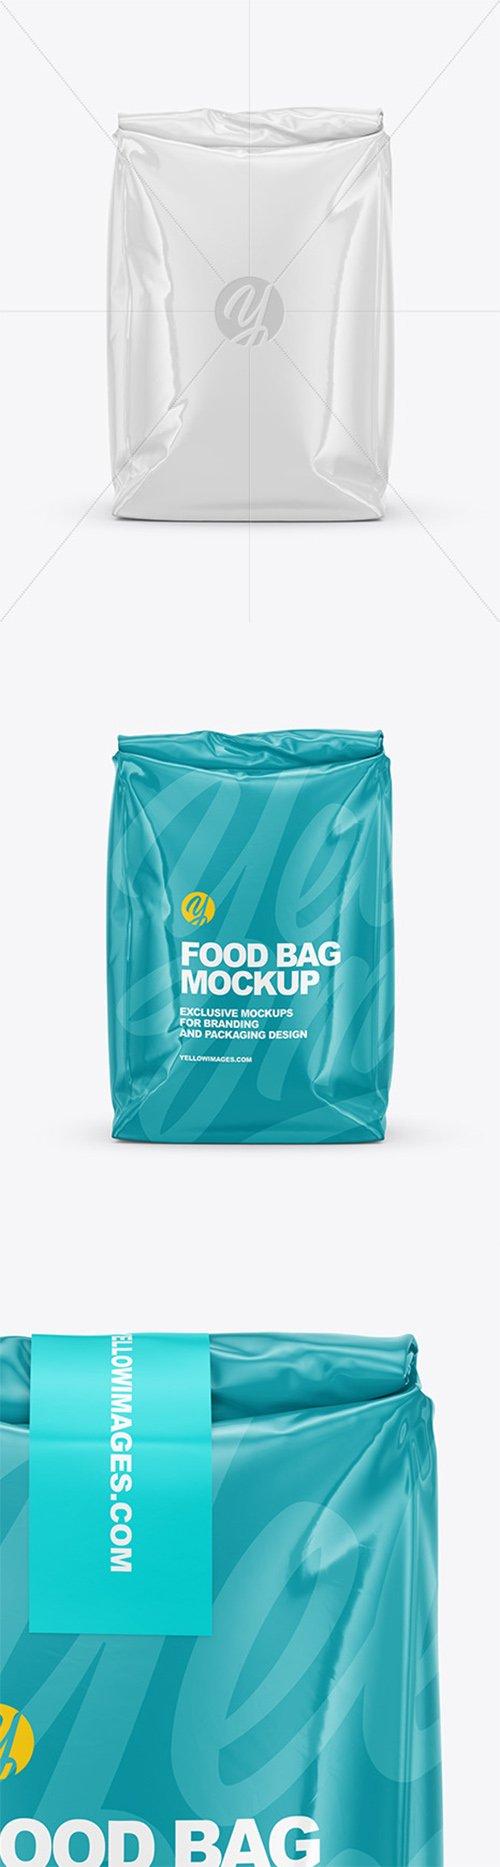 Glossy Food Bag Mockup - Front View 64649